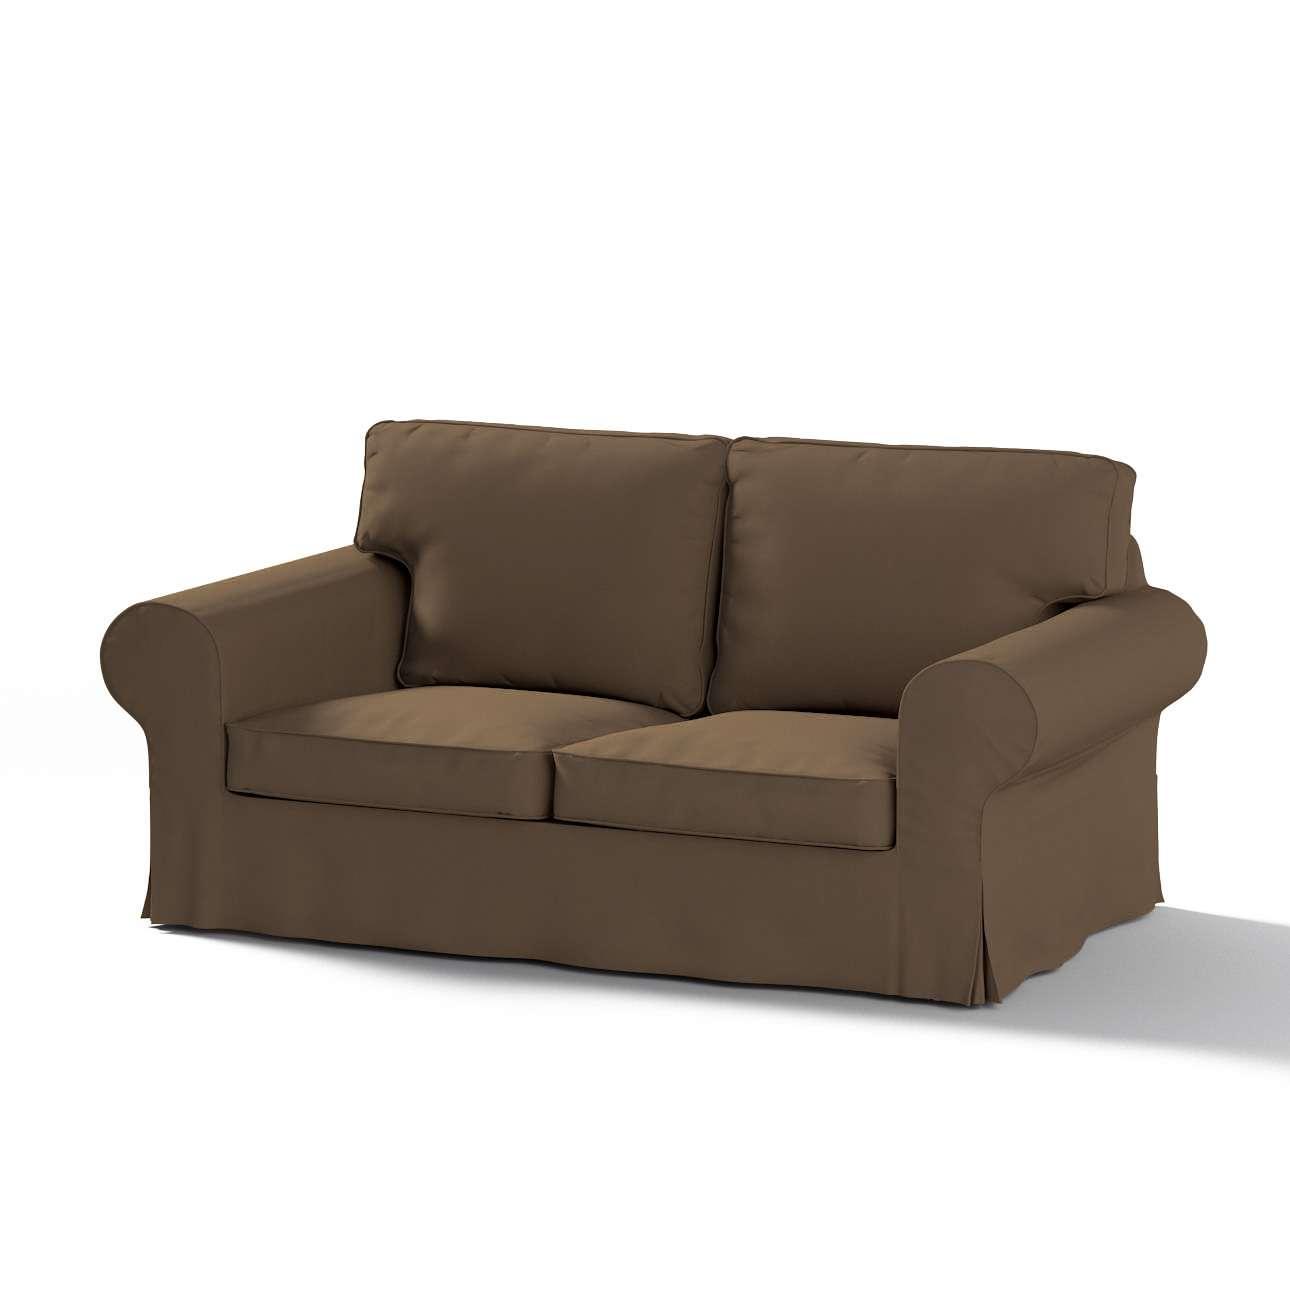 Pokrowiec na sofę Ektorp 2-osobową rozkładaną, model po 2012 w kolekcji Cotton Panama, tkanina: 702-02